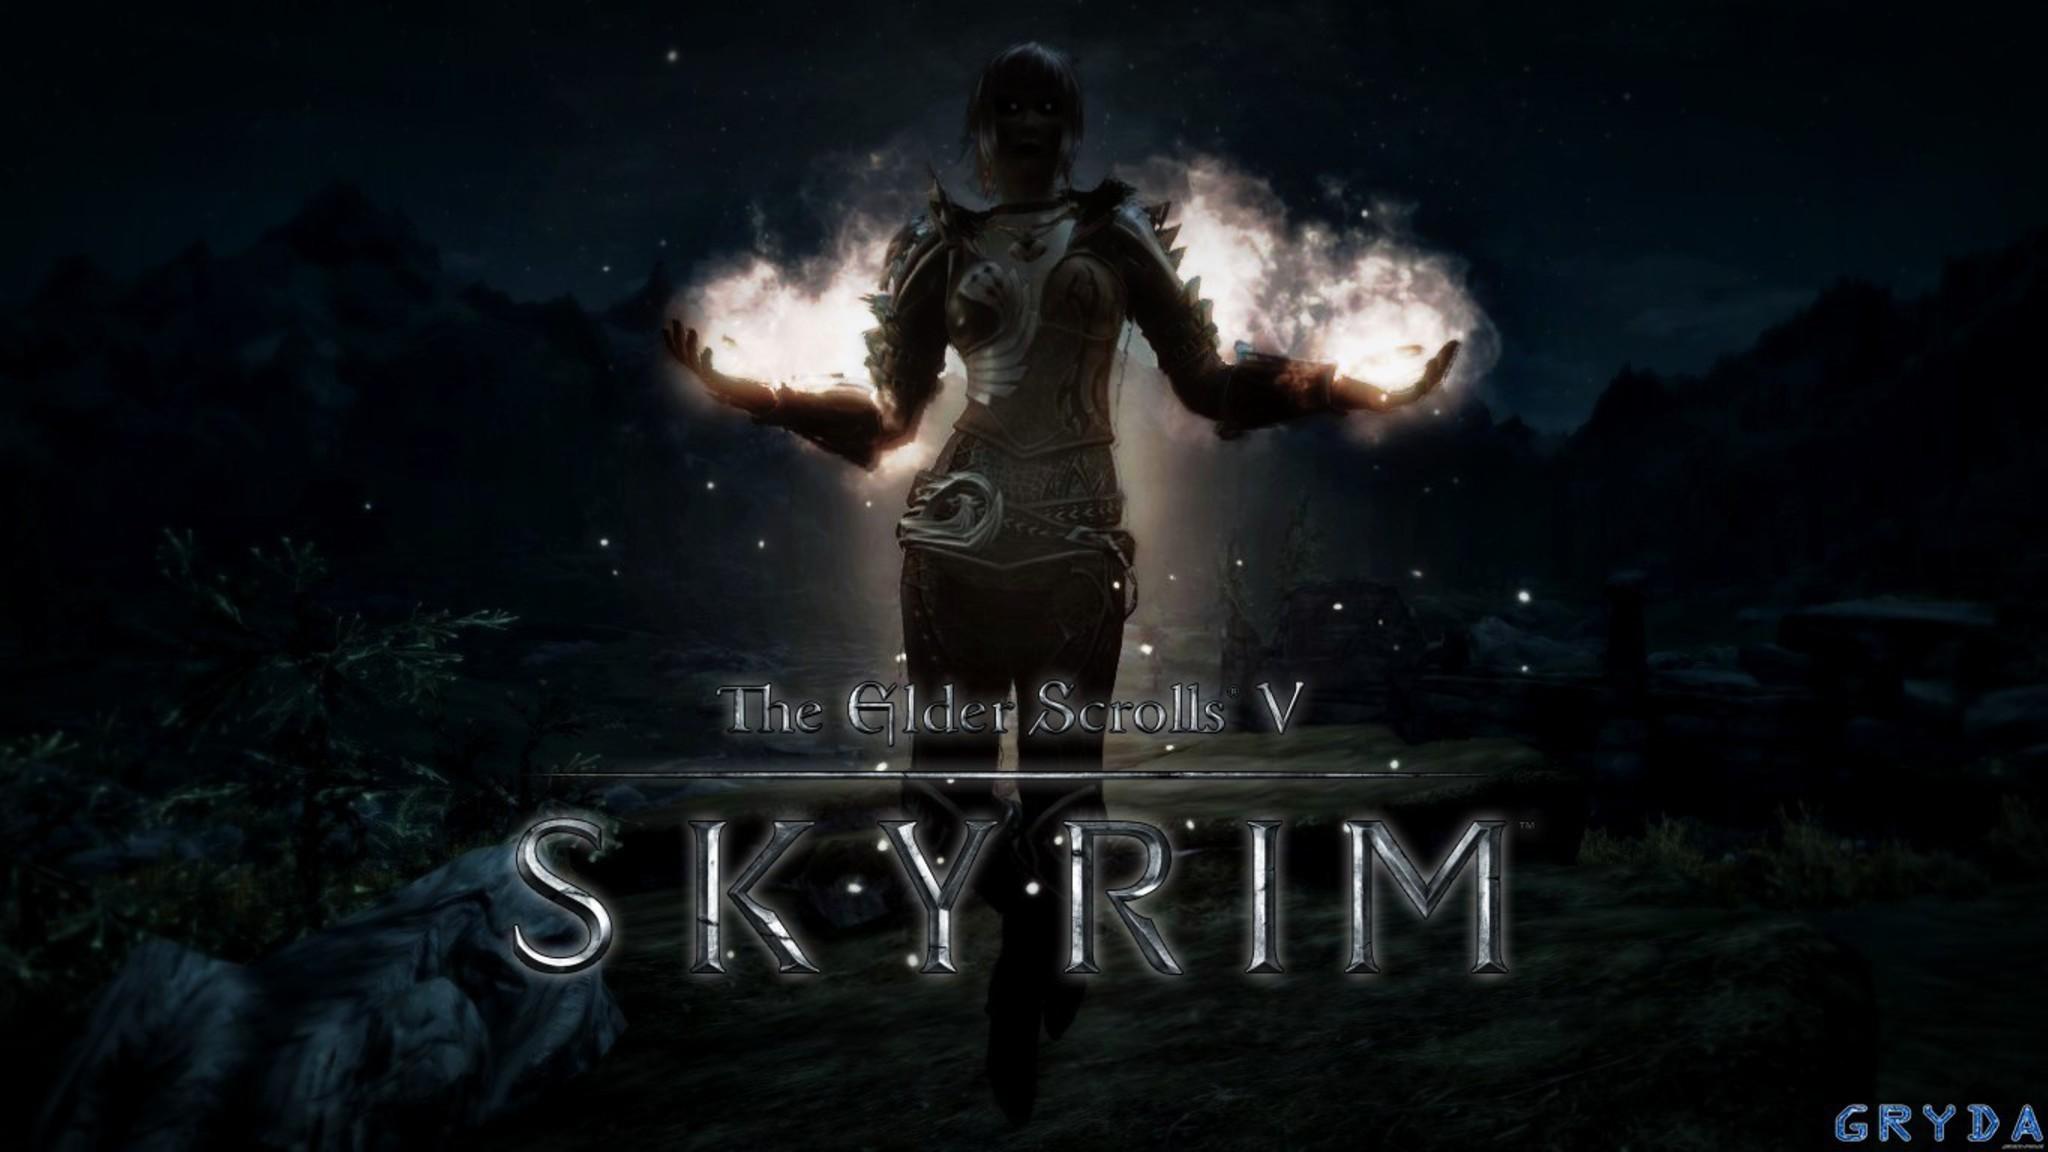 Skyrim Wallpaper 1366x768 74 Images